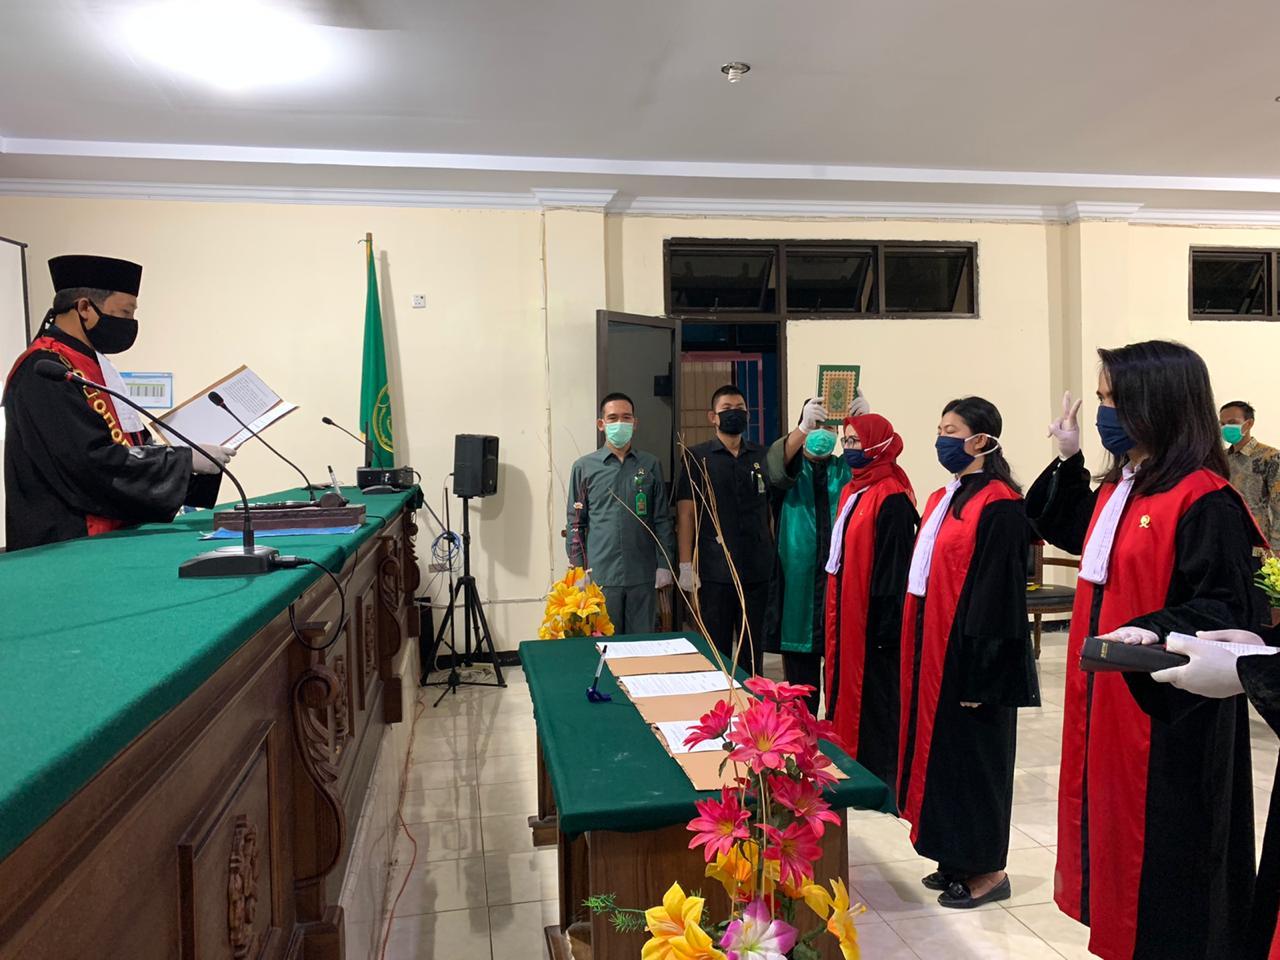 Pengambilan Sumpah Jabatan dan Pelantikan Hakim Pengadilan Negeri Bintuhan